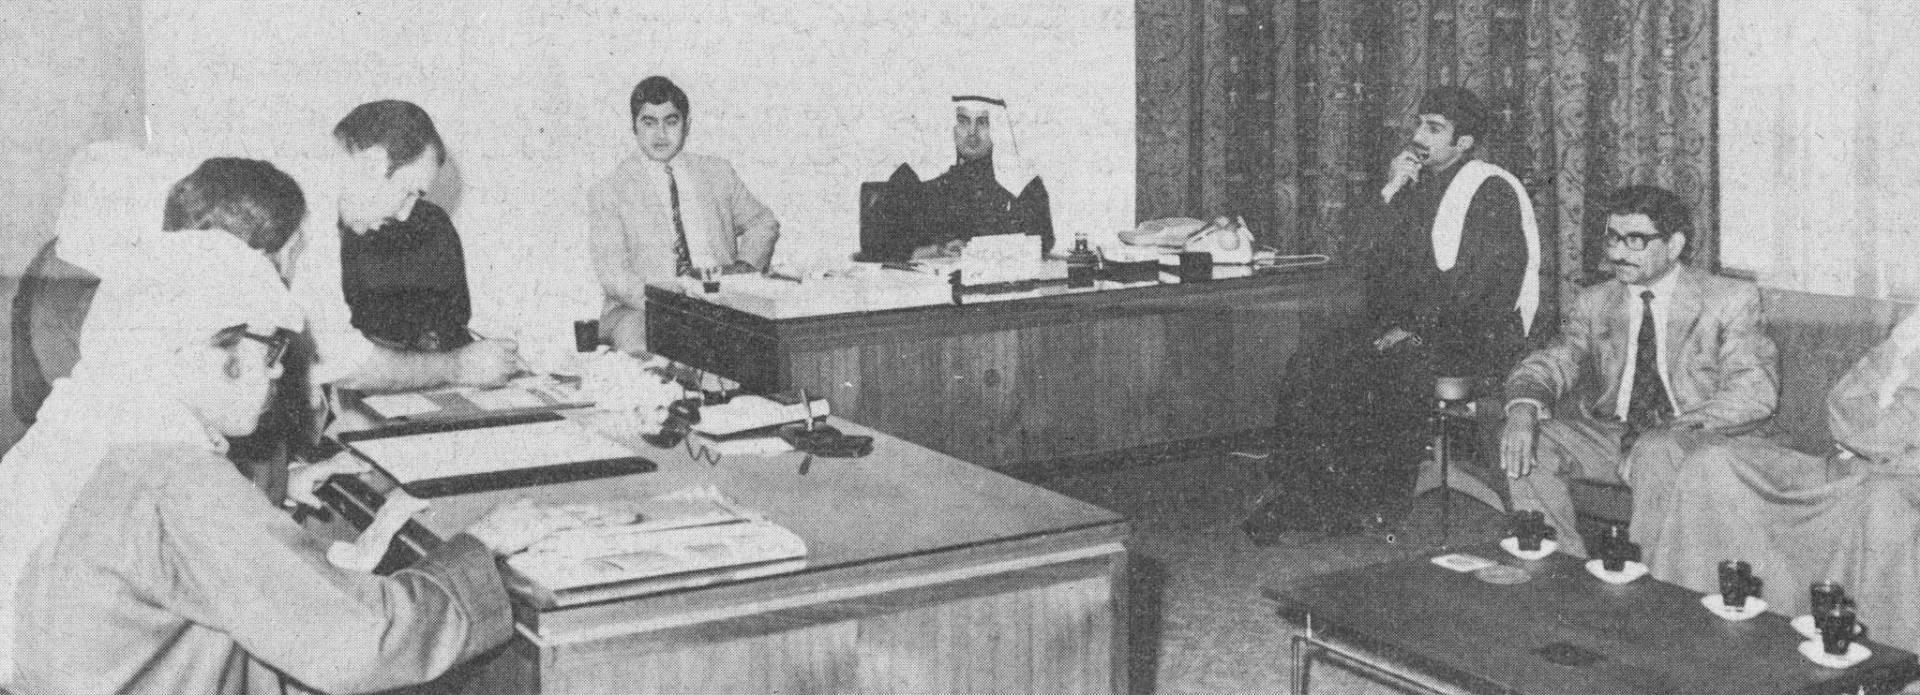 عدد من السادة الفائزين في مكتب الأستاذ جاسم النصف.. صورة أرشيفية